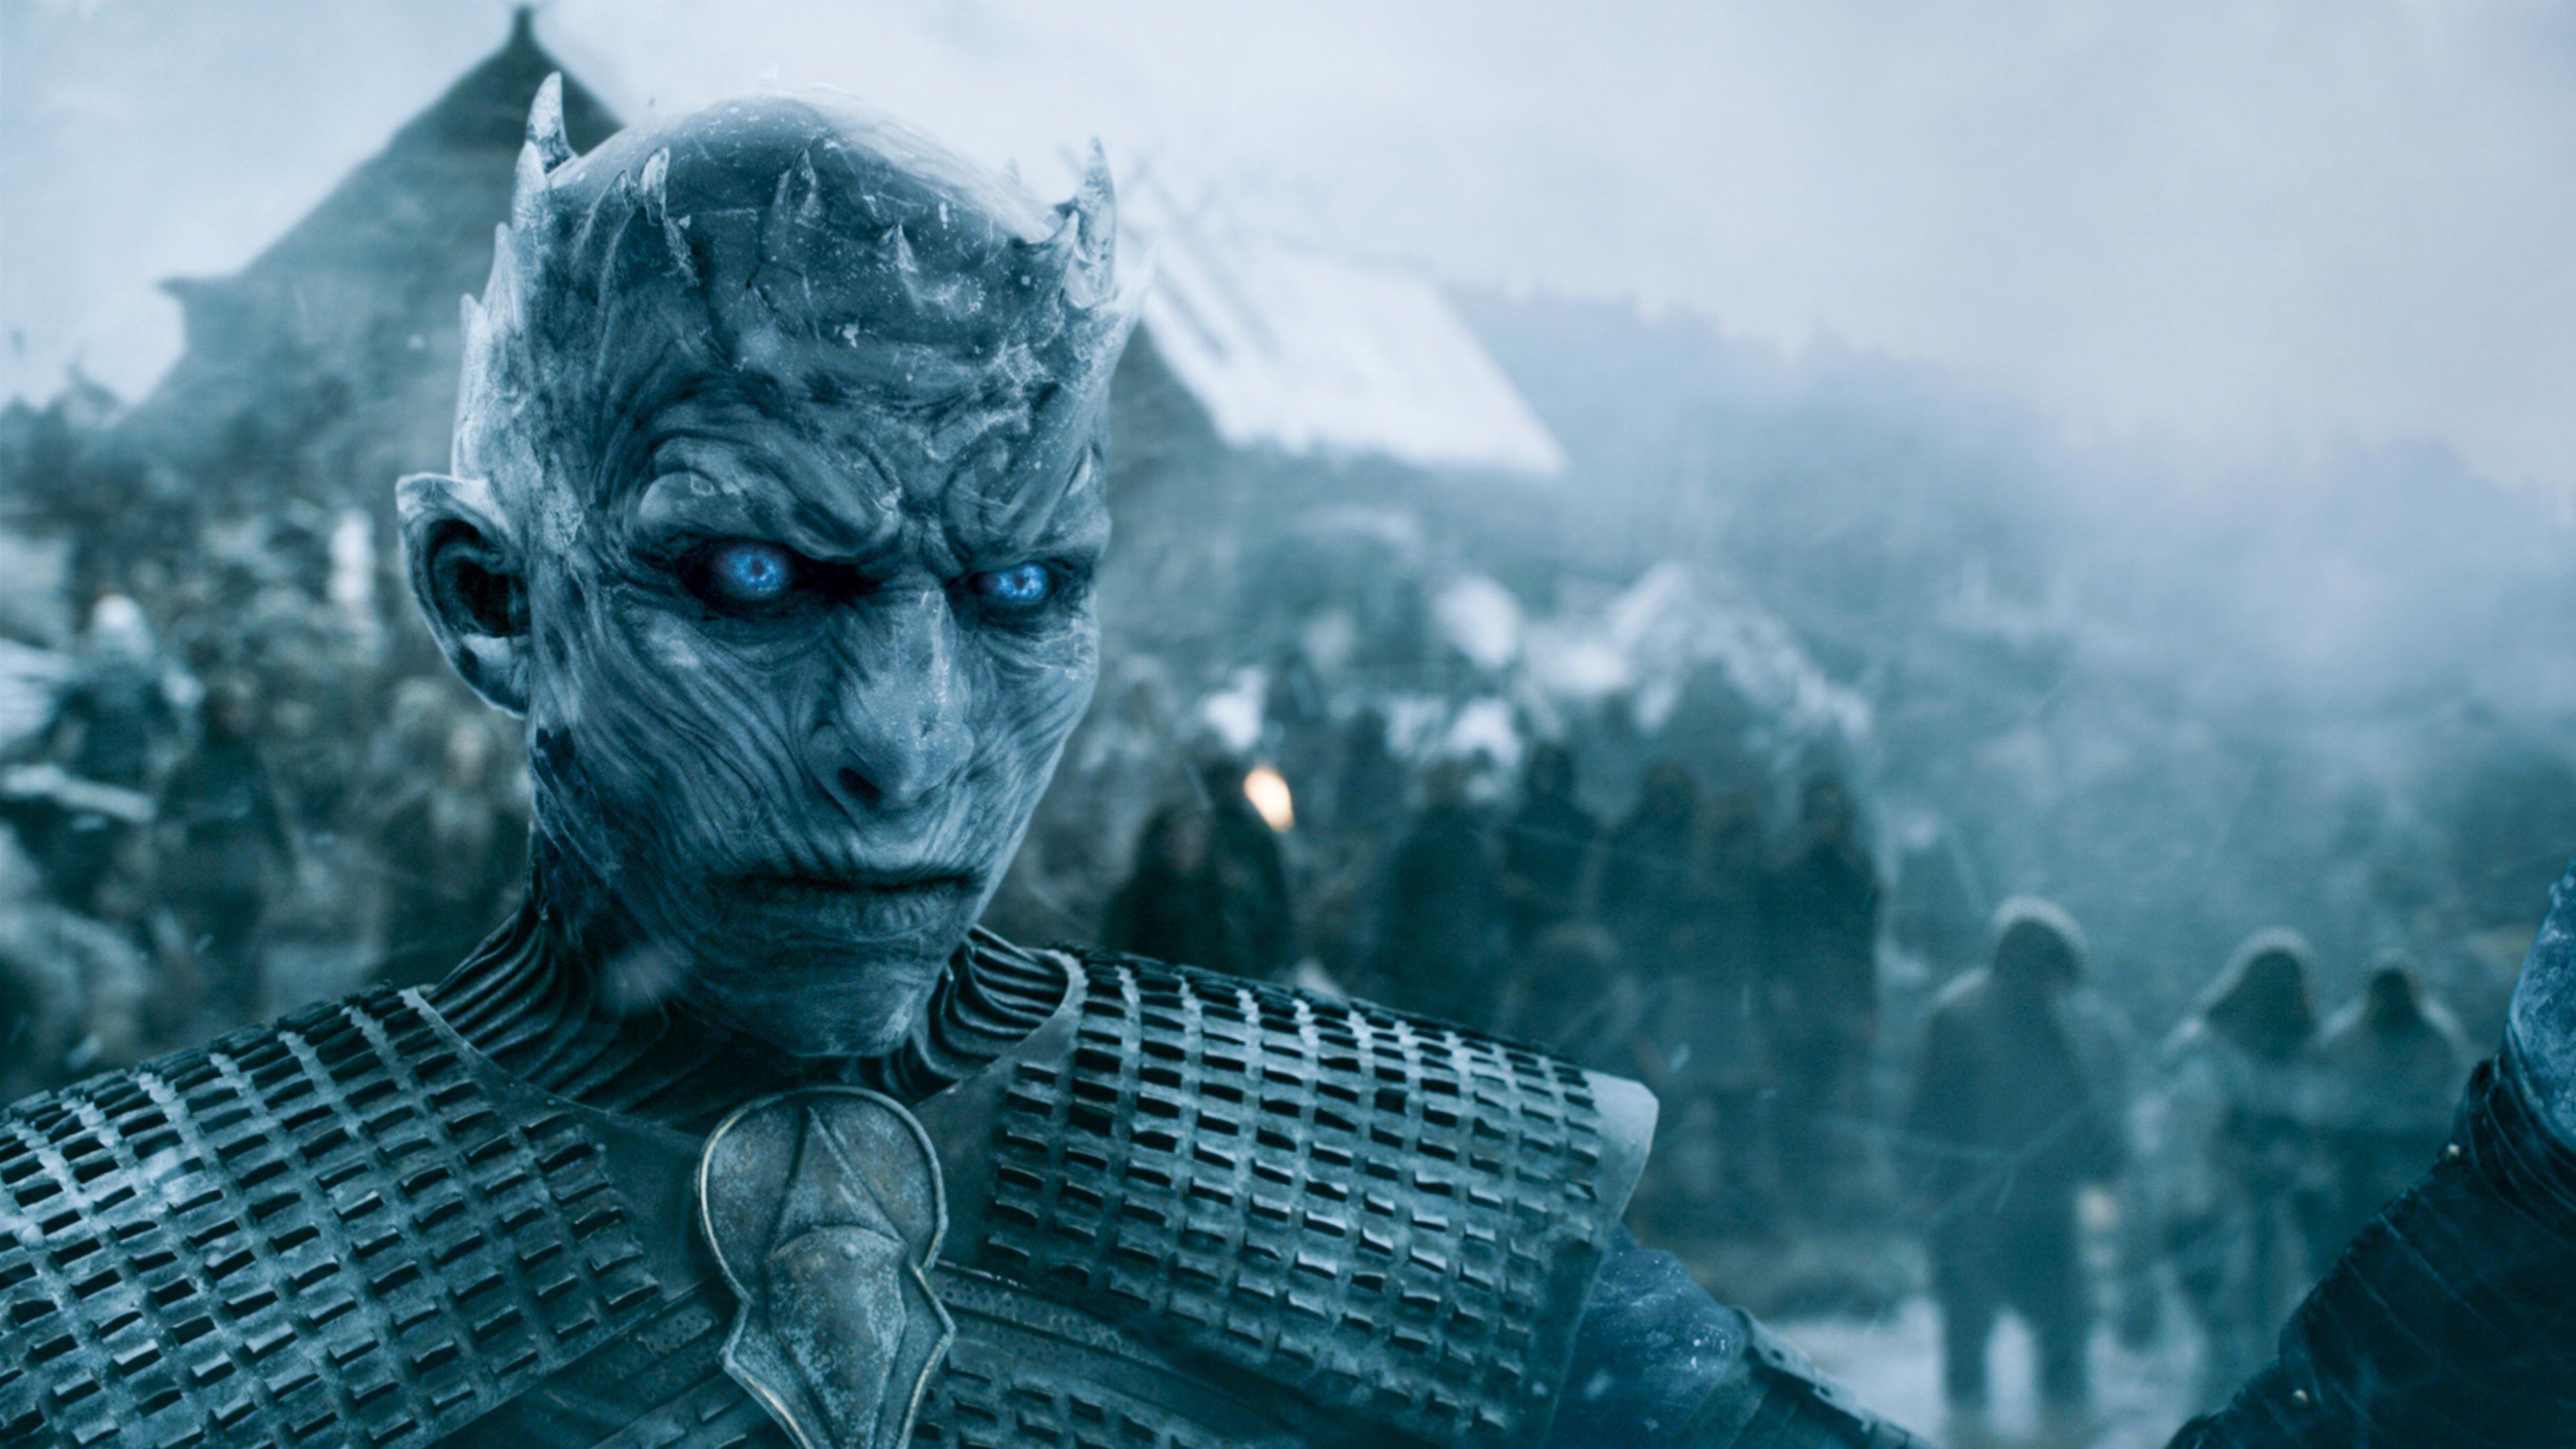 NY SERIE: HBO har annonsert at de har bestilt en pilotepisode til en spin-off av den meget populære serien «Game of Thrones». Om episoden faller i smak hos kabelkanalen, kan en ny serie være ute i 2020.